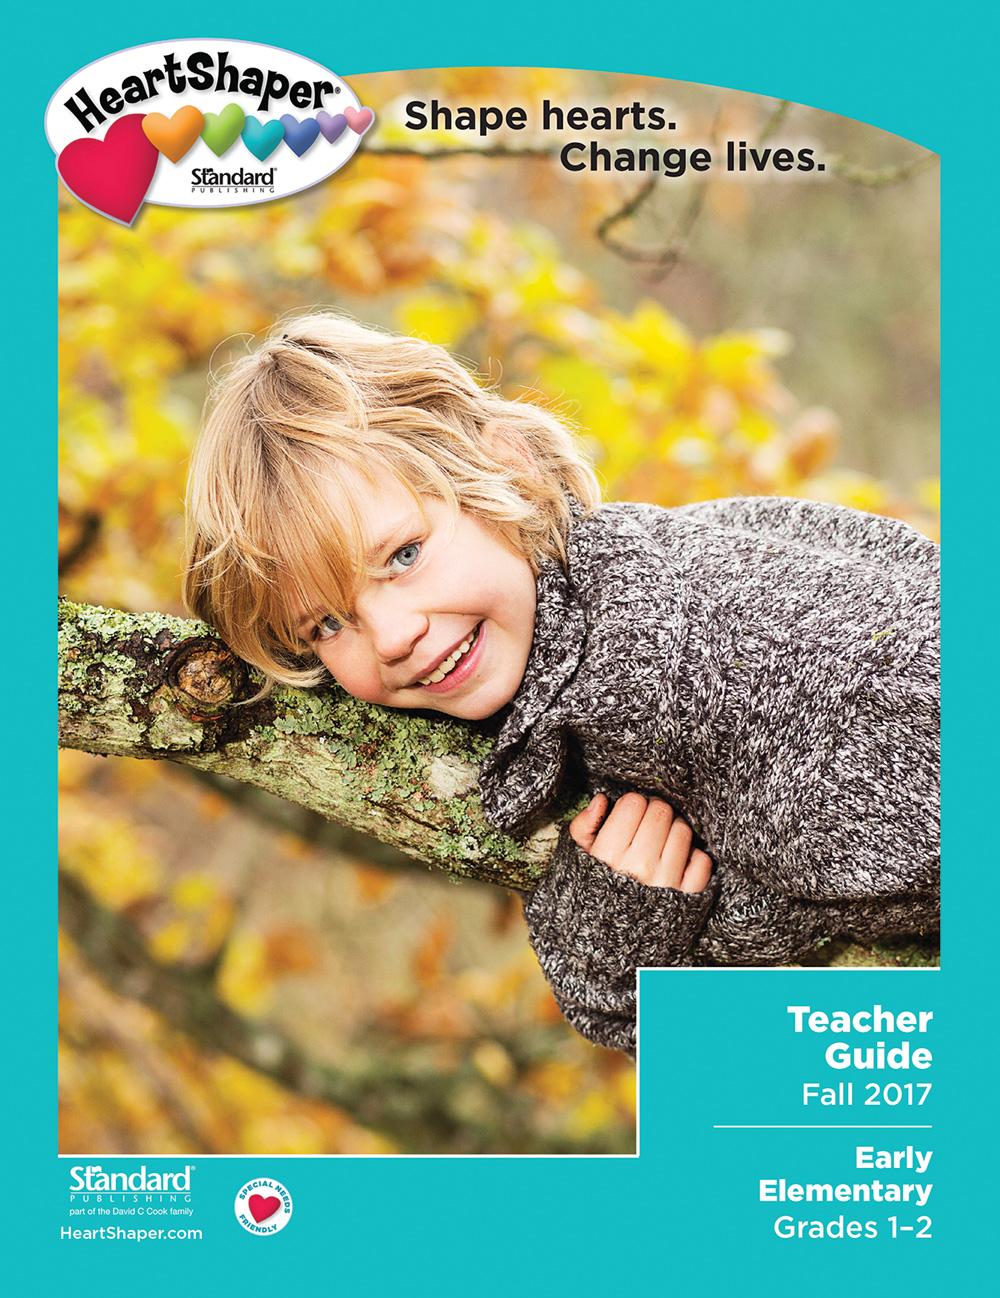 HeartShaper early elementary teacher guide fall 2017